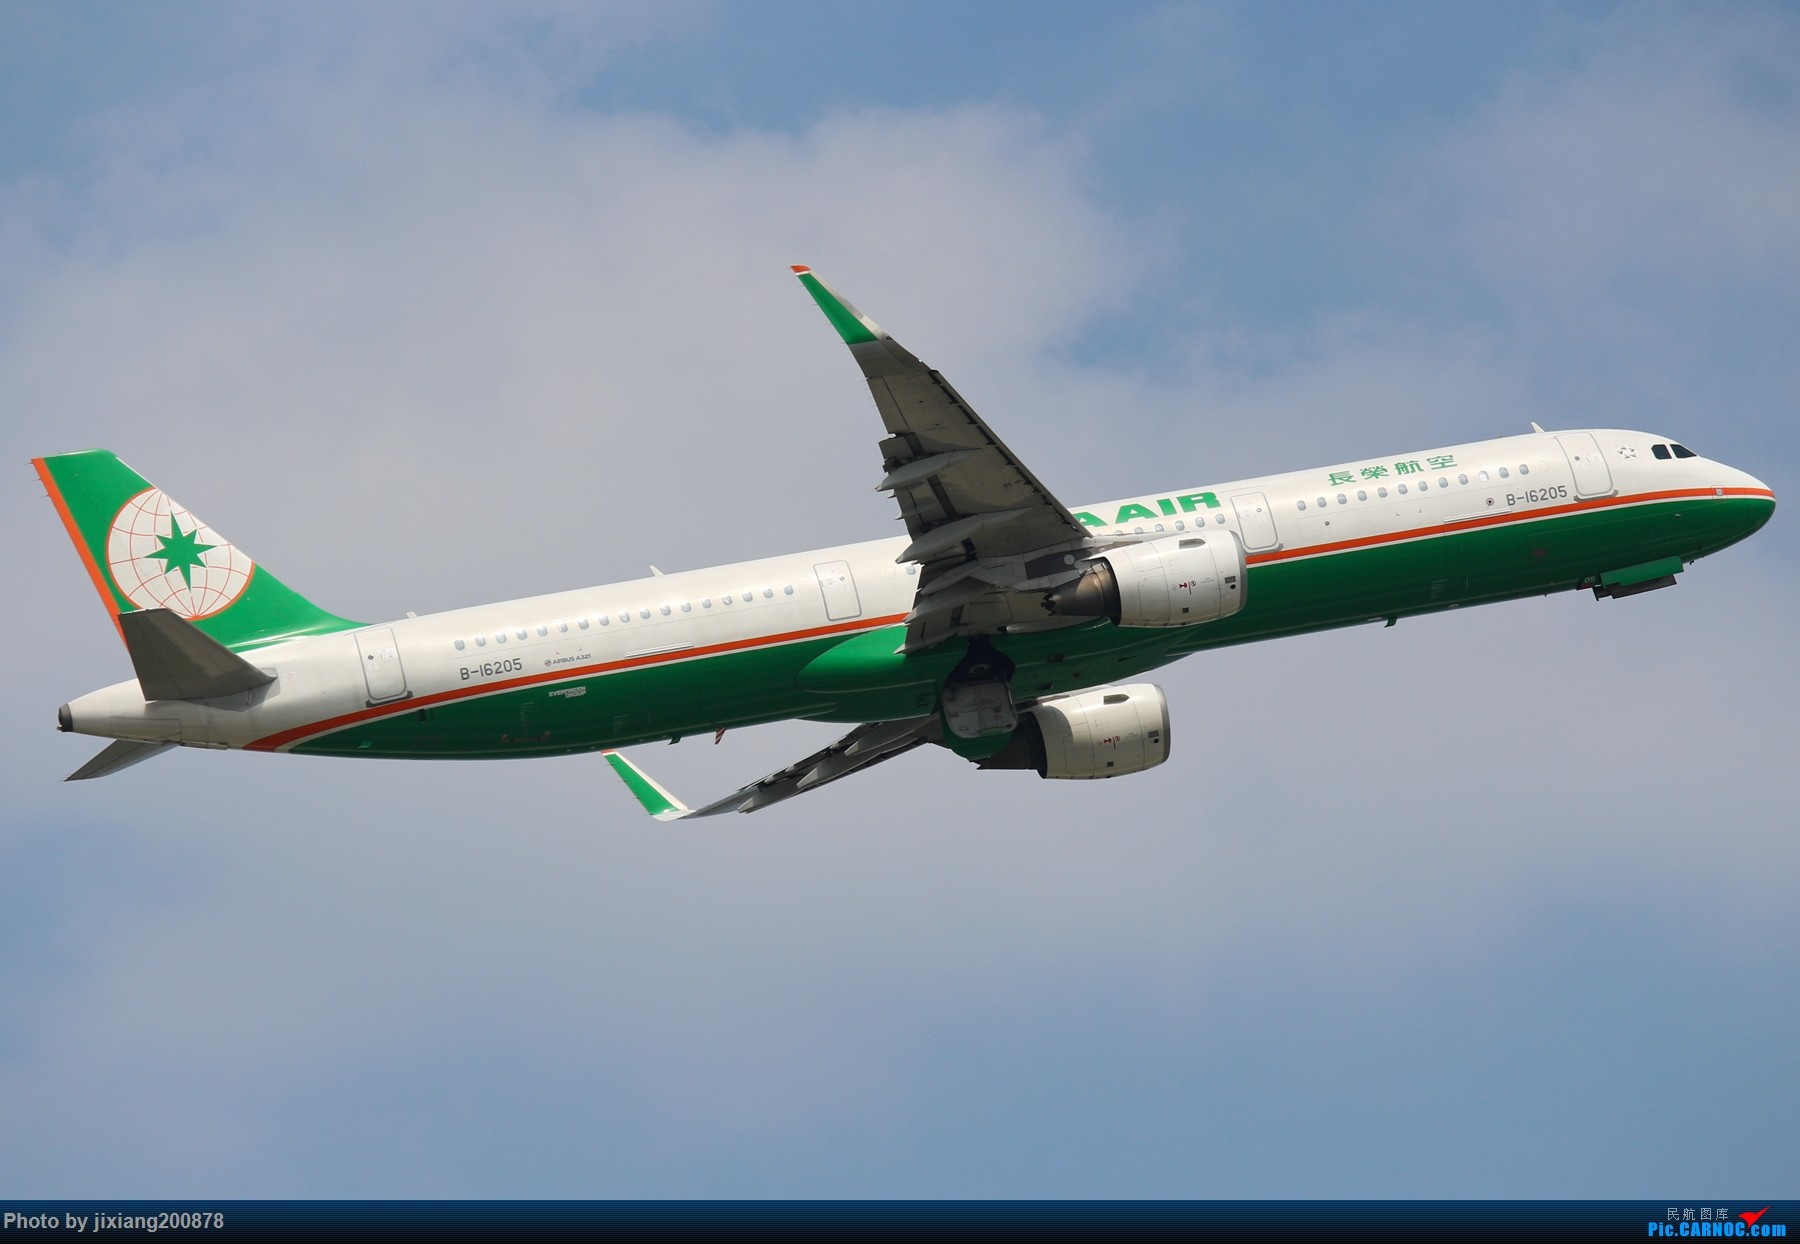 Re:[原创]【TSN飞友会】1800*1200 近期TSN集锦 不看绝对后悔 AIRBUS A321-200 B-16205 中国天津滨海国际机场